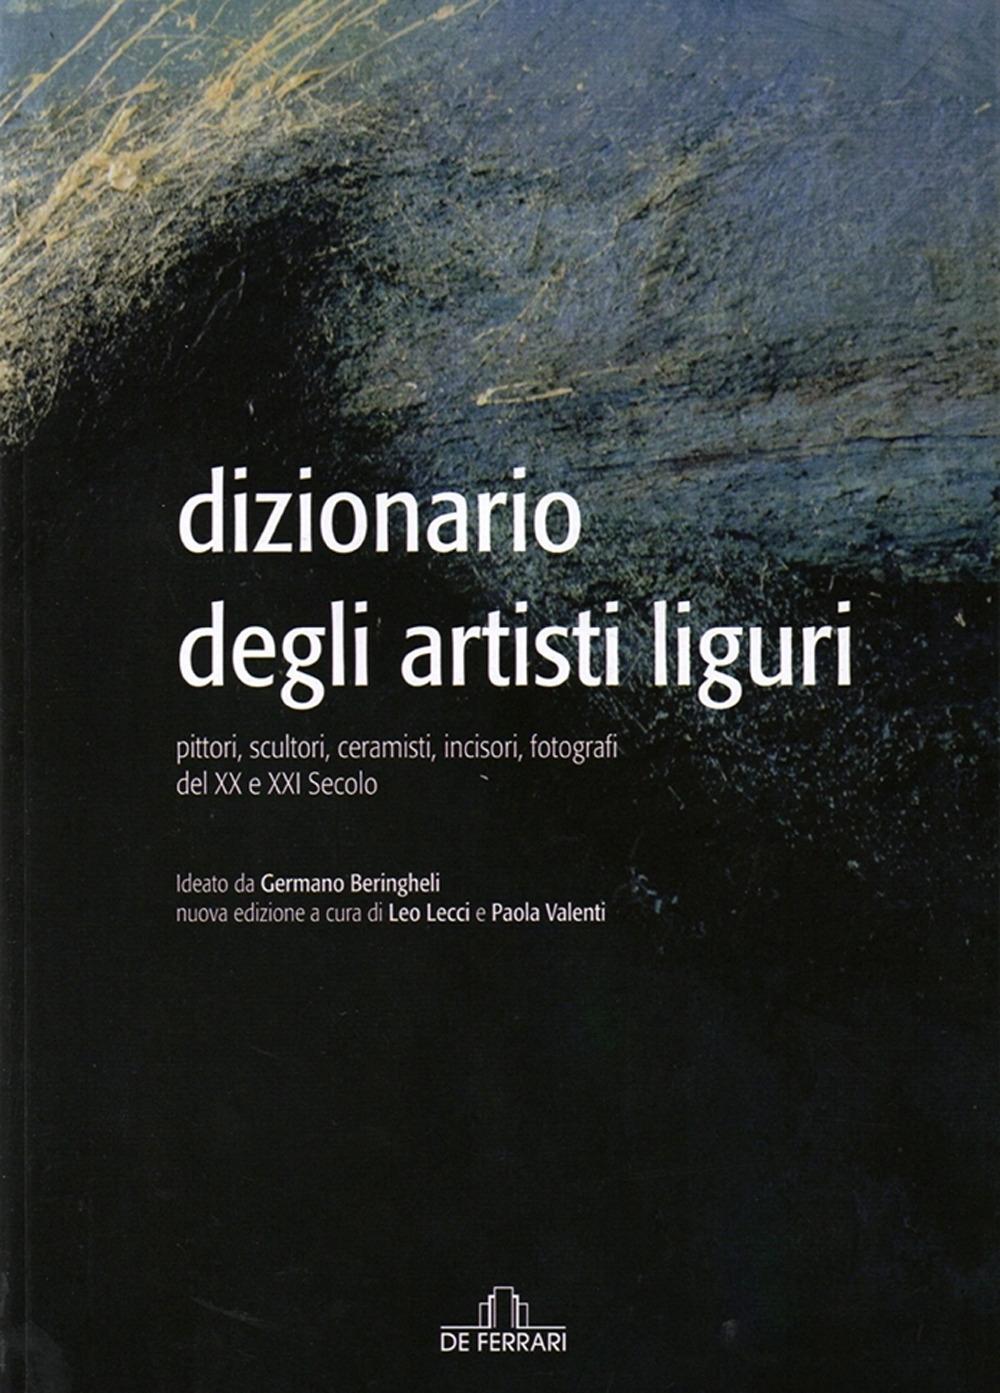 Dizionario degli Artisti Liguri. Pittori, Scultori, Ceramisti, Incisori, Fotografi del XX e XXI Secolo